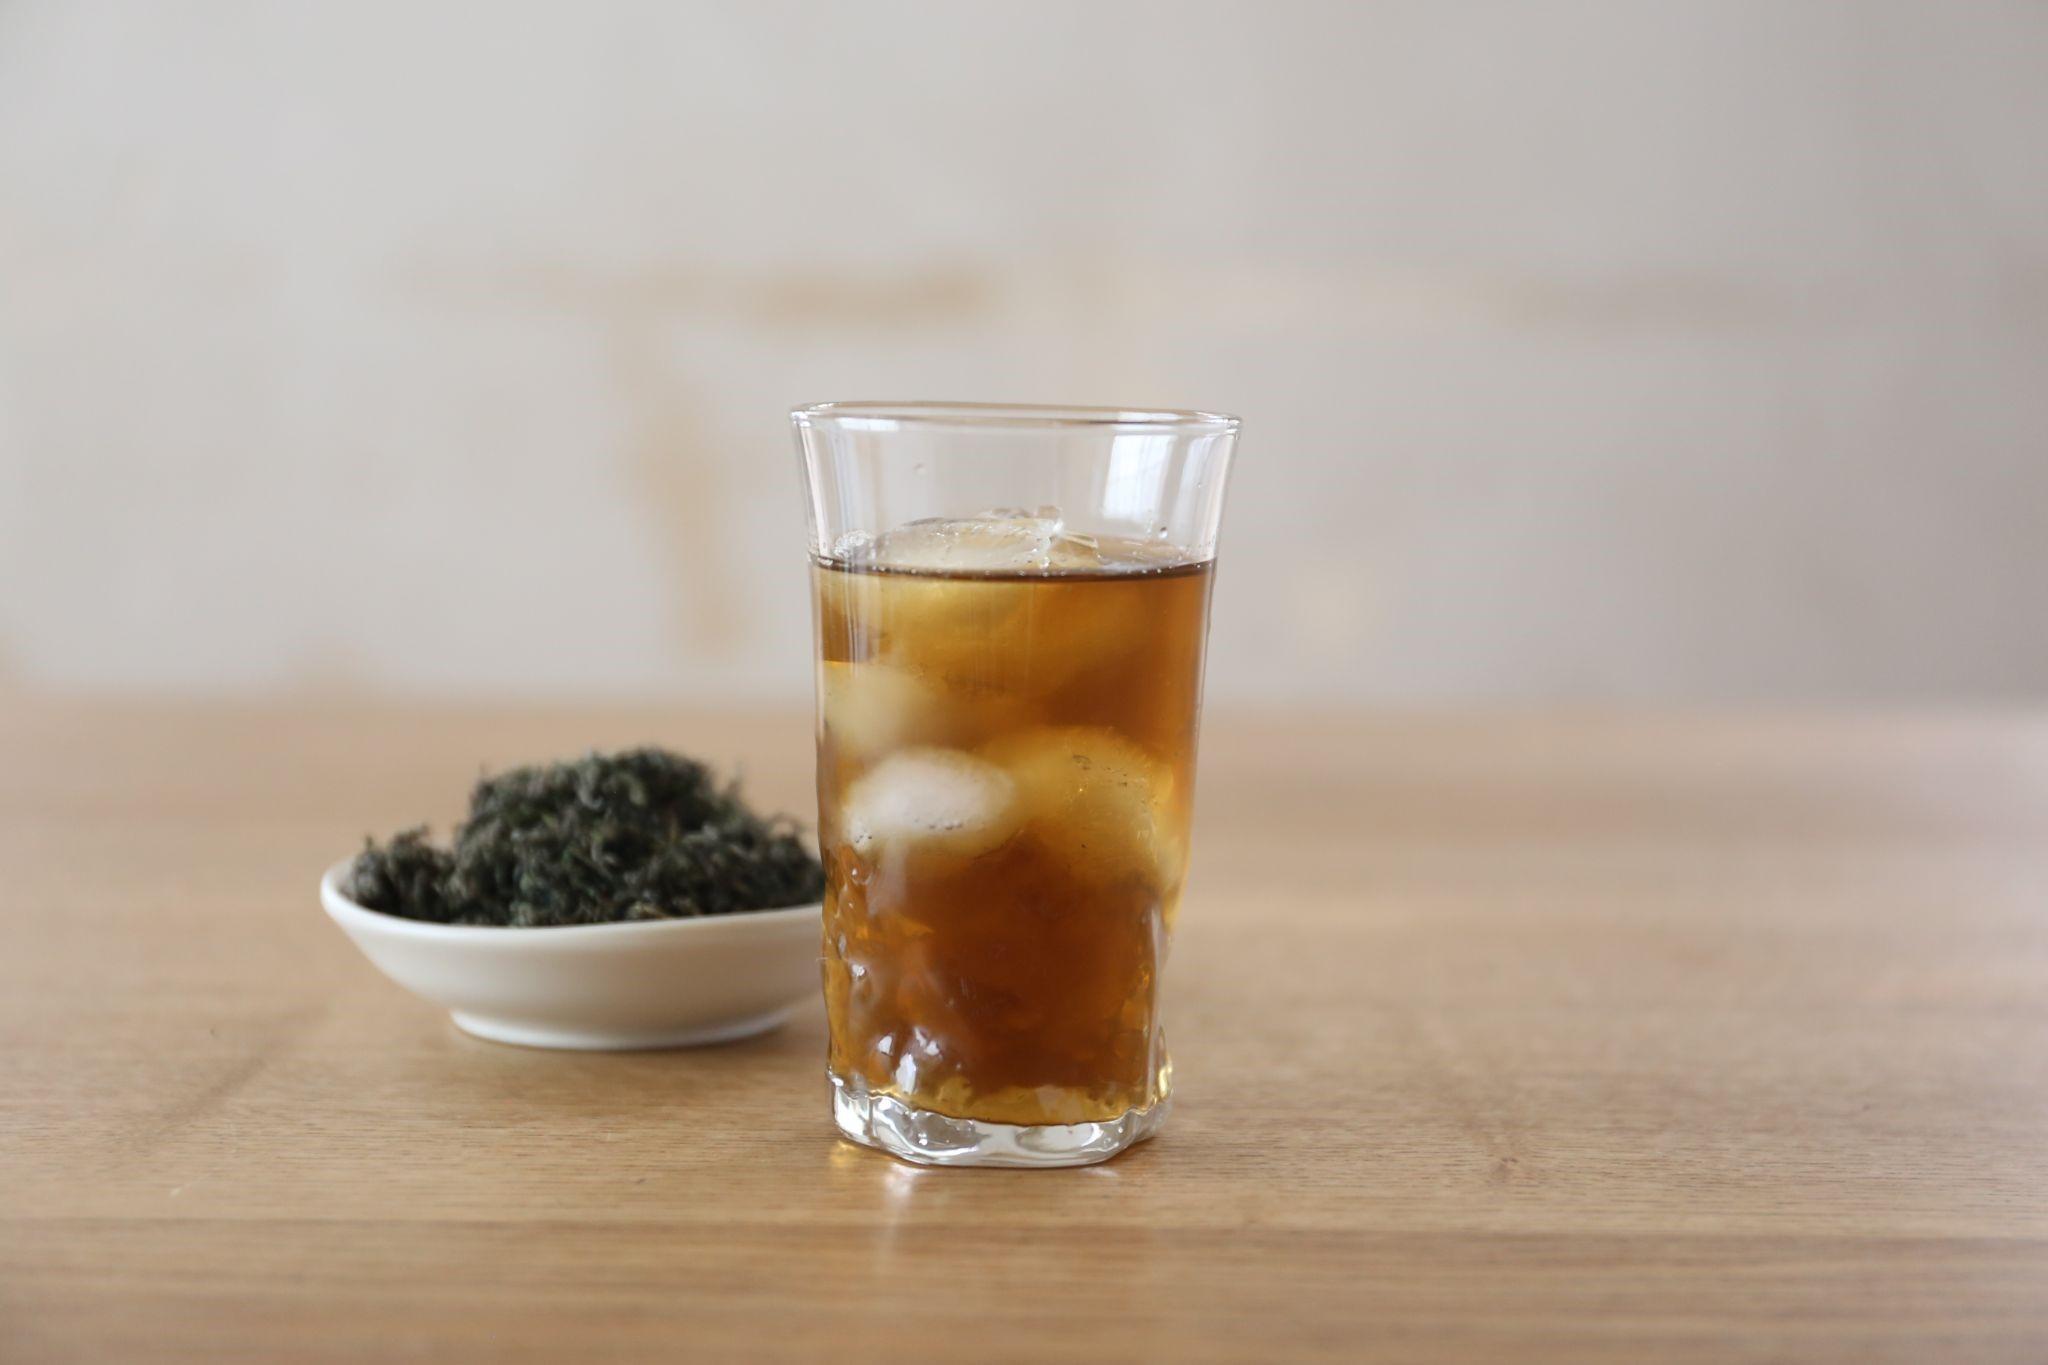 iced mugwort tea